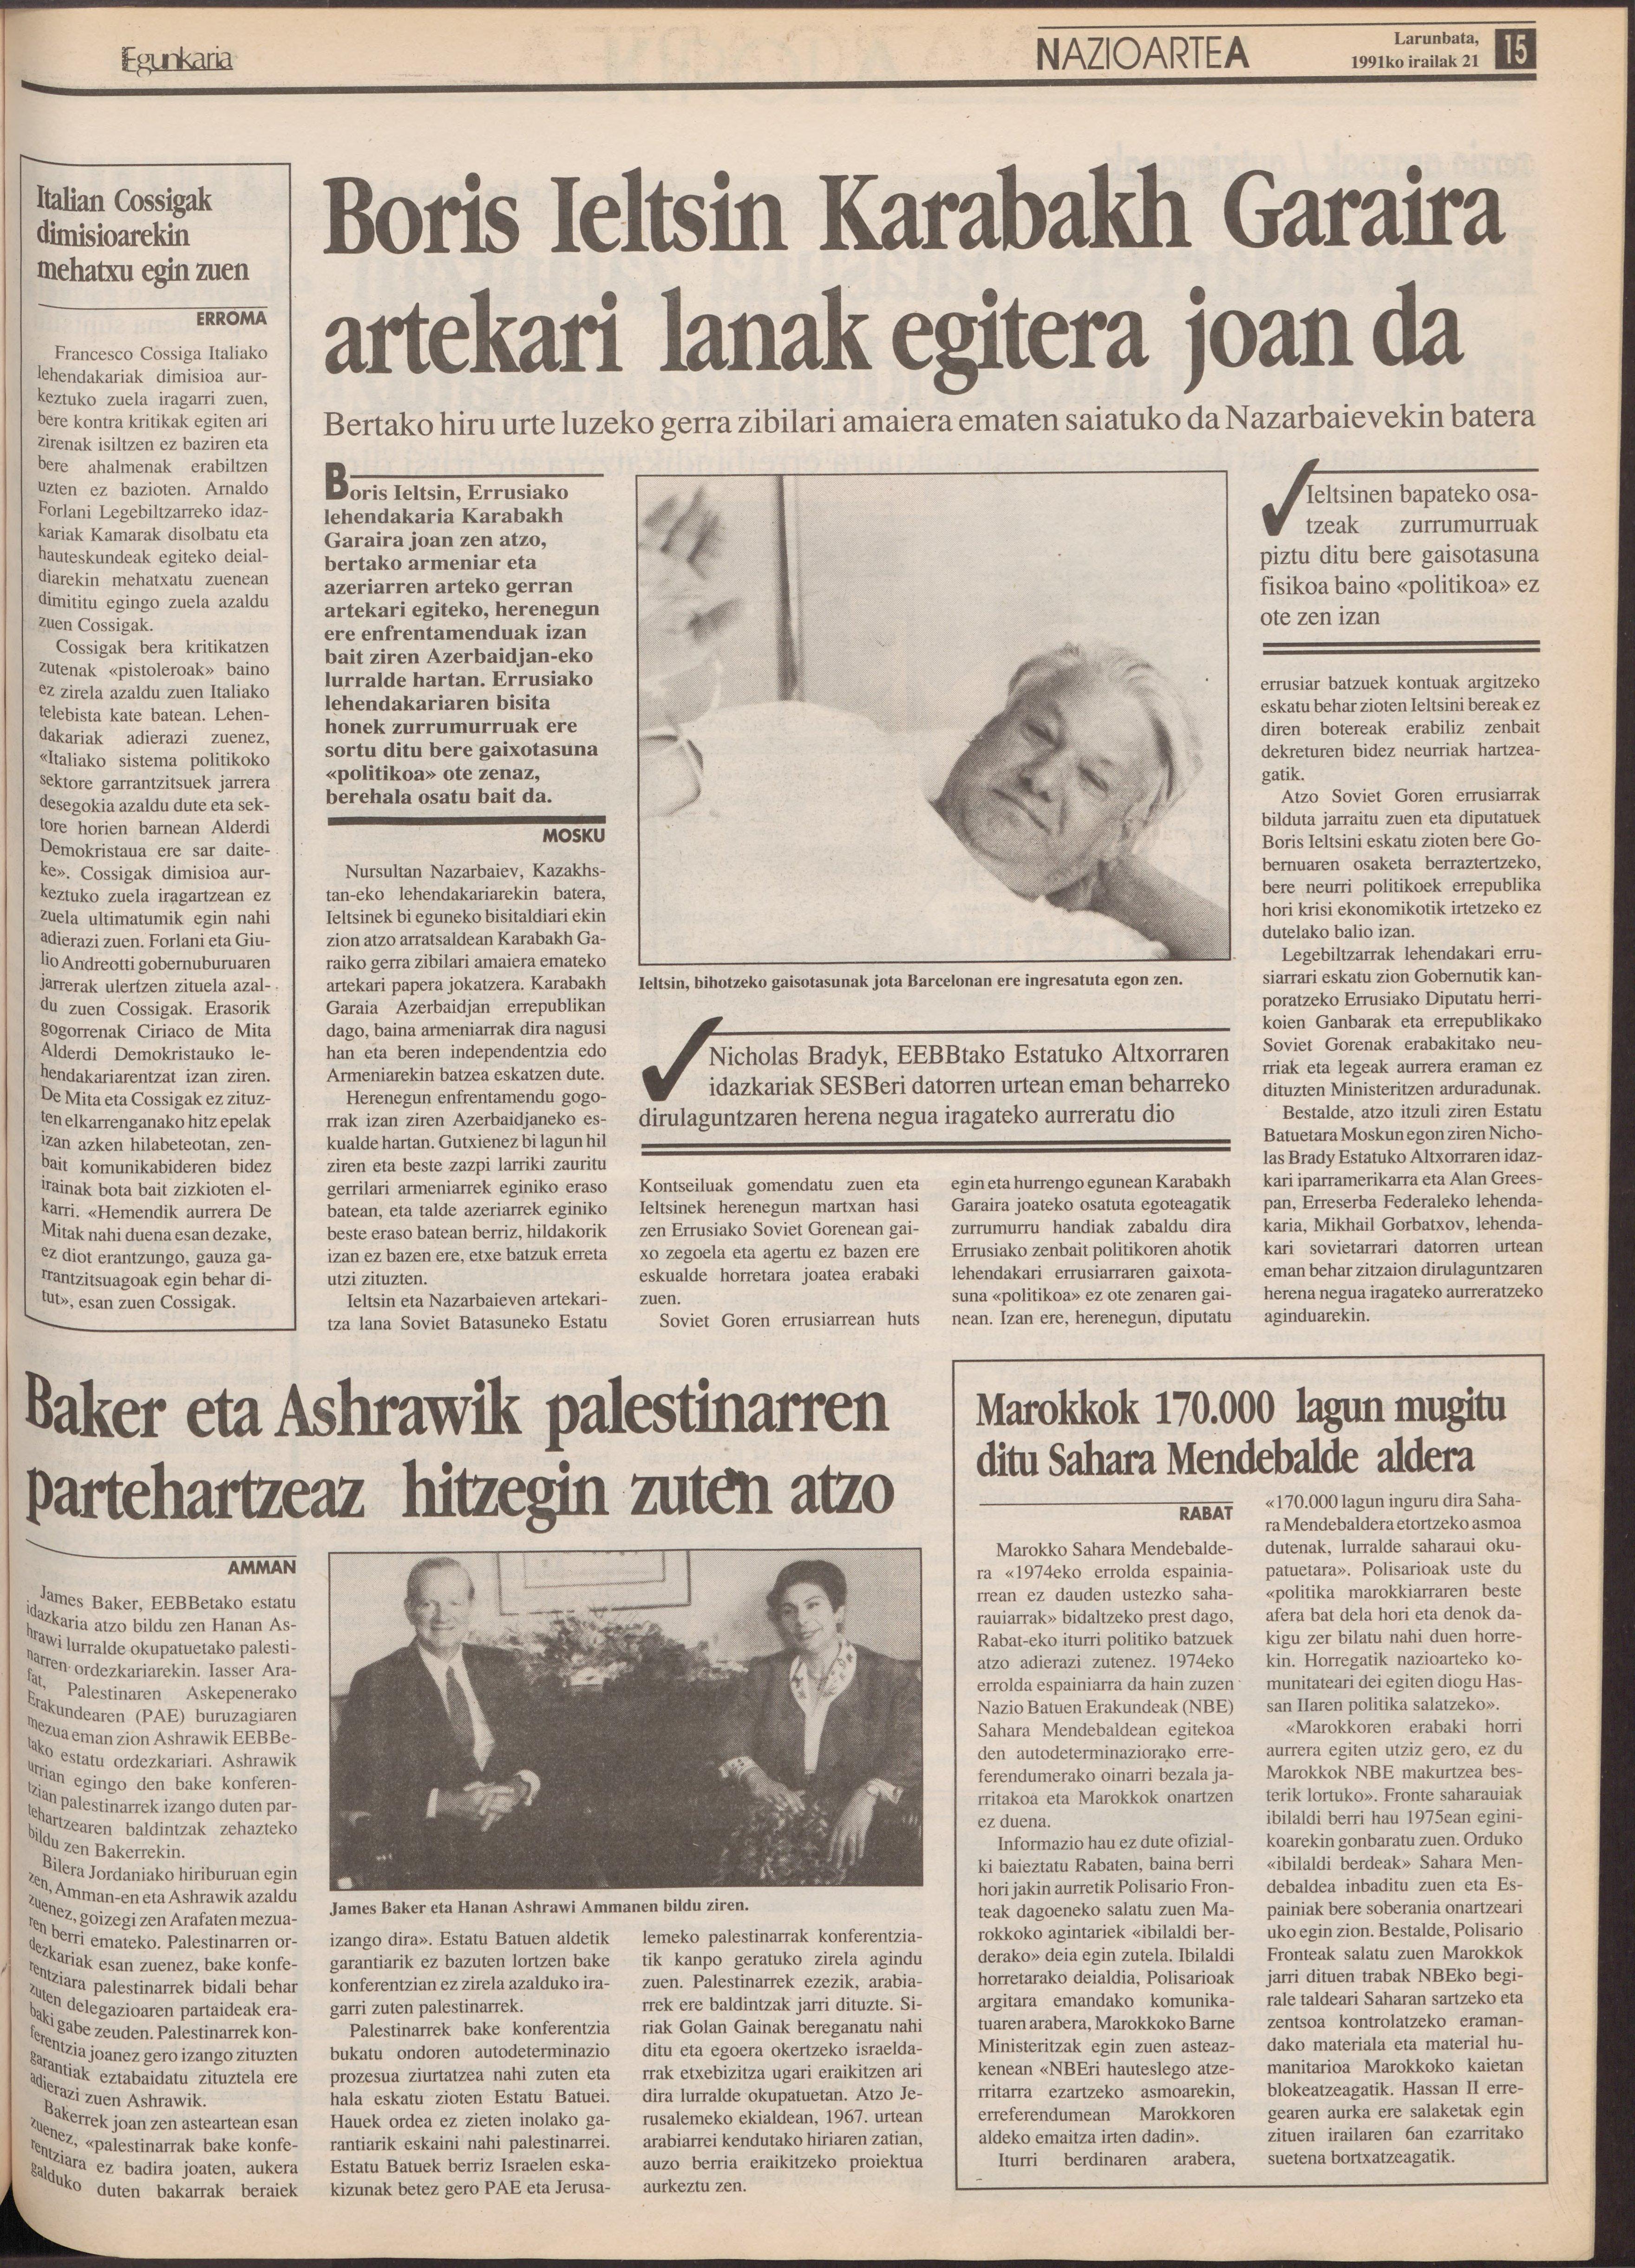 1991ko irailak 21, 15. orrialdea